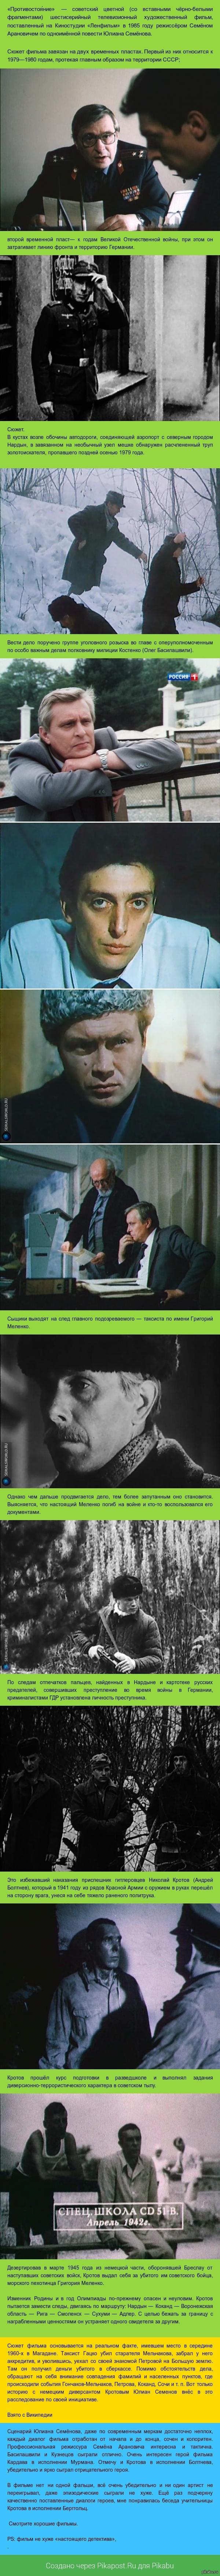 """Советское кино. На днях пересмотрел замечательный телесериал студии Ленфильм, """"Противостояние""""."""